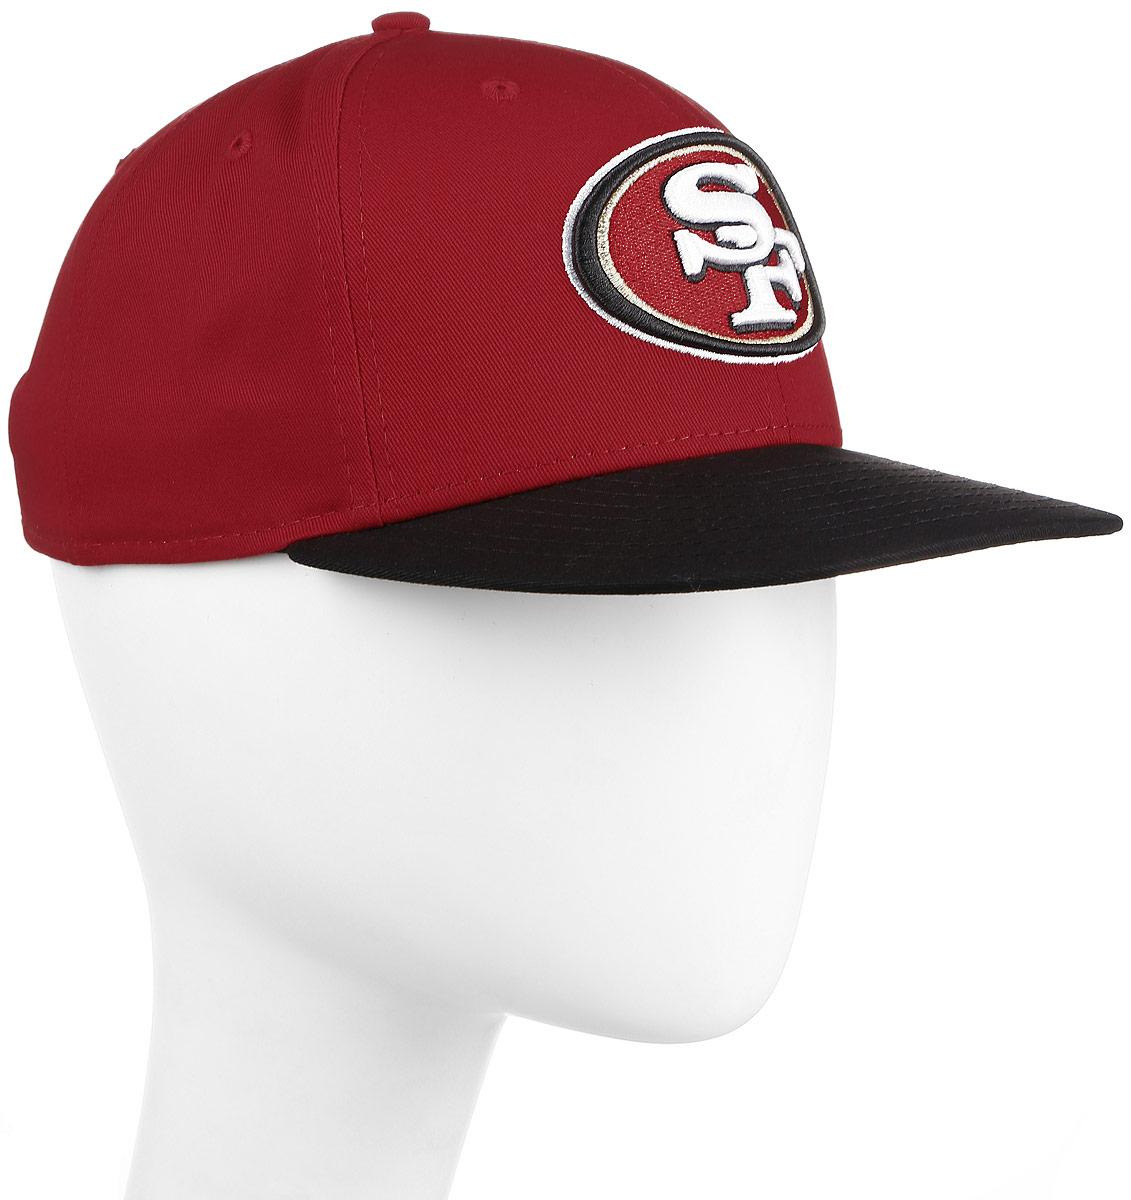 Бейсболка New Era NFL SAN FRANCISCO 49ers, цвет: красный. 11379776-RED. Размер M/L (57/60)11379776-REDСтильная бейсболка New Era, выполненная из высококачественного материала, идеально подойдет для прогулок, занятий спортом и отдыха.Изделие оформлено объемным вышитым логотипом американской футбольной команды SAN FRANCISCO. Бейсболка надежно защитит вас от солнца и ветра. Эта модель станет отличным аксессуаром и дополнит ваш повседневный образ.